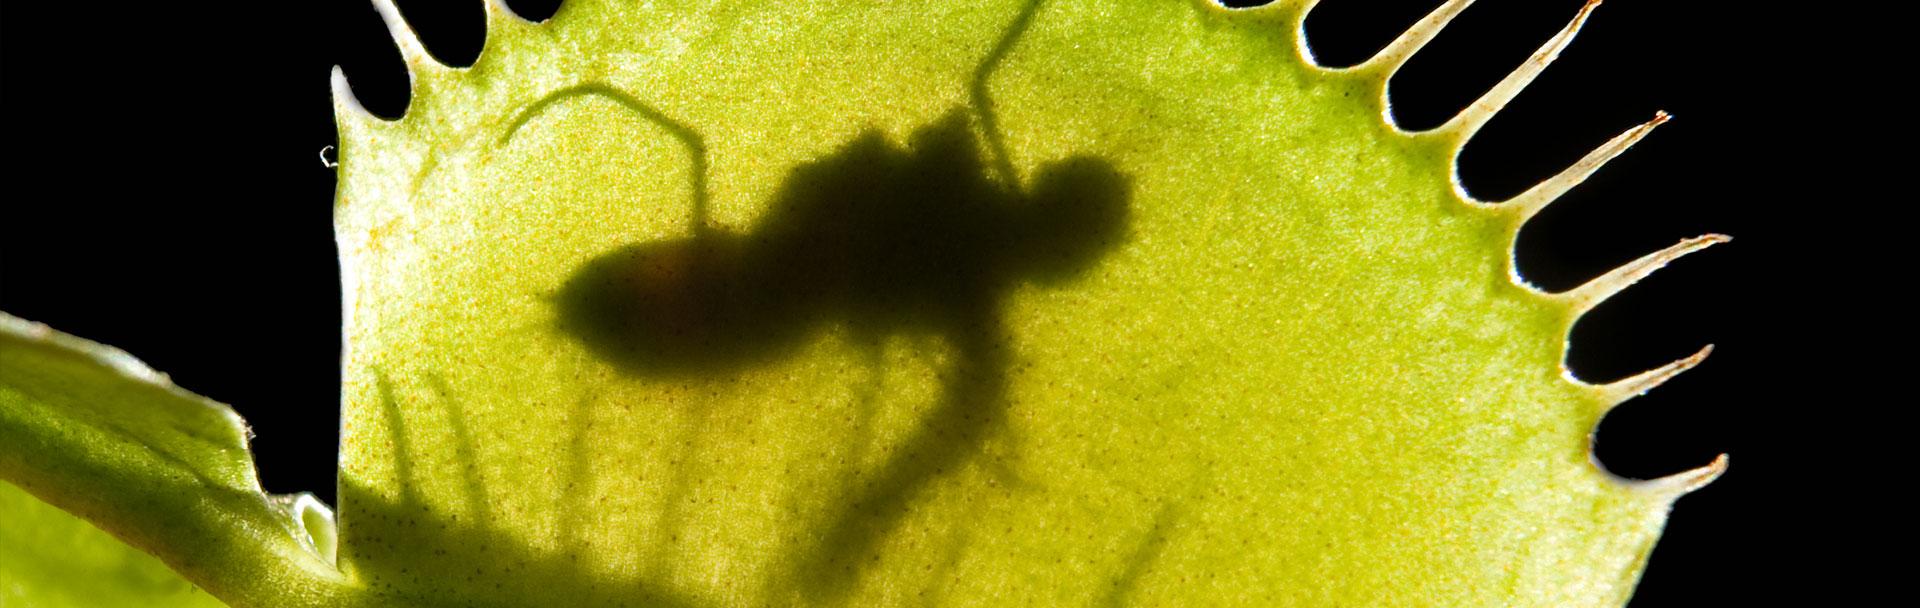 flytrap.jpg